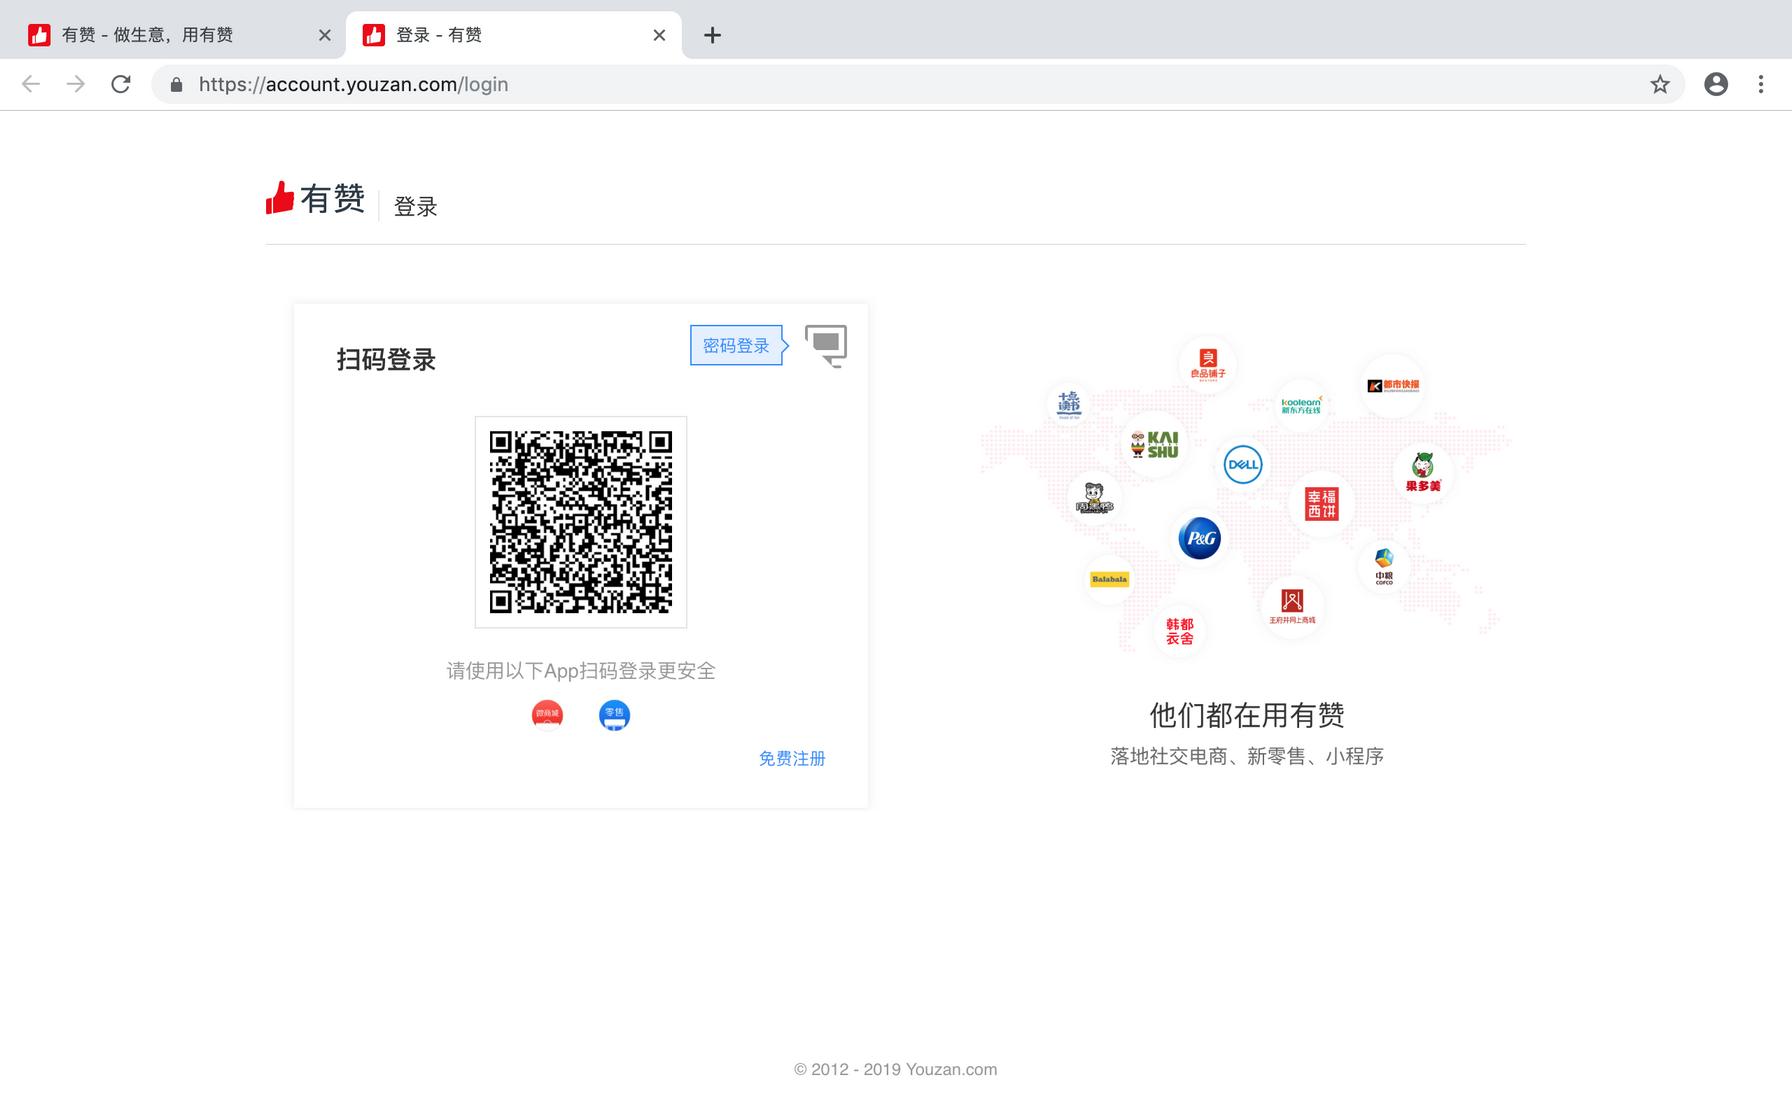 [有赞微商城] 【功能发布】商家后台增加验证码、扫码登录方式